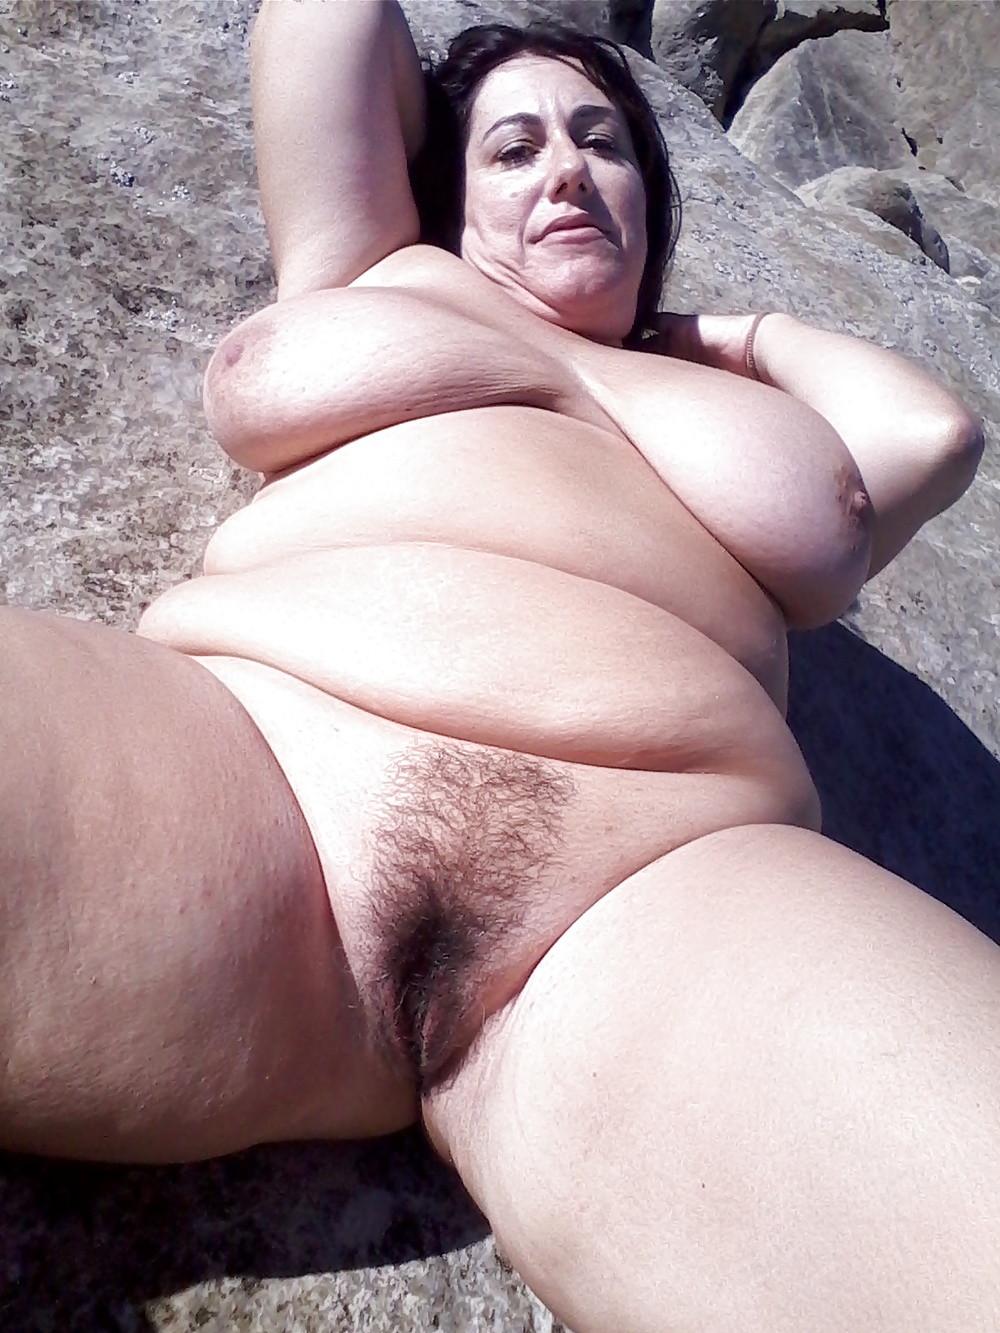 Жирная мамаша гуляет голая на пляже